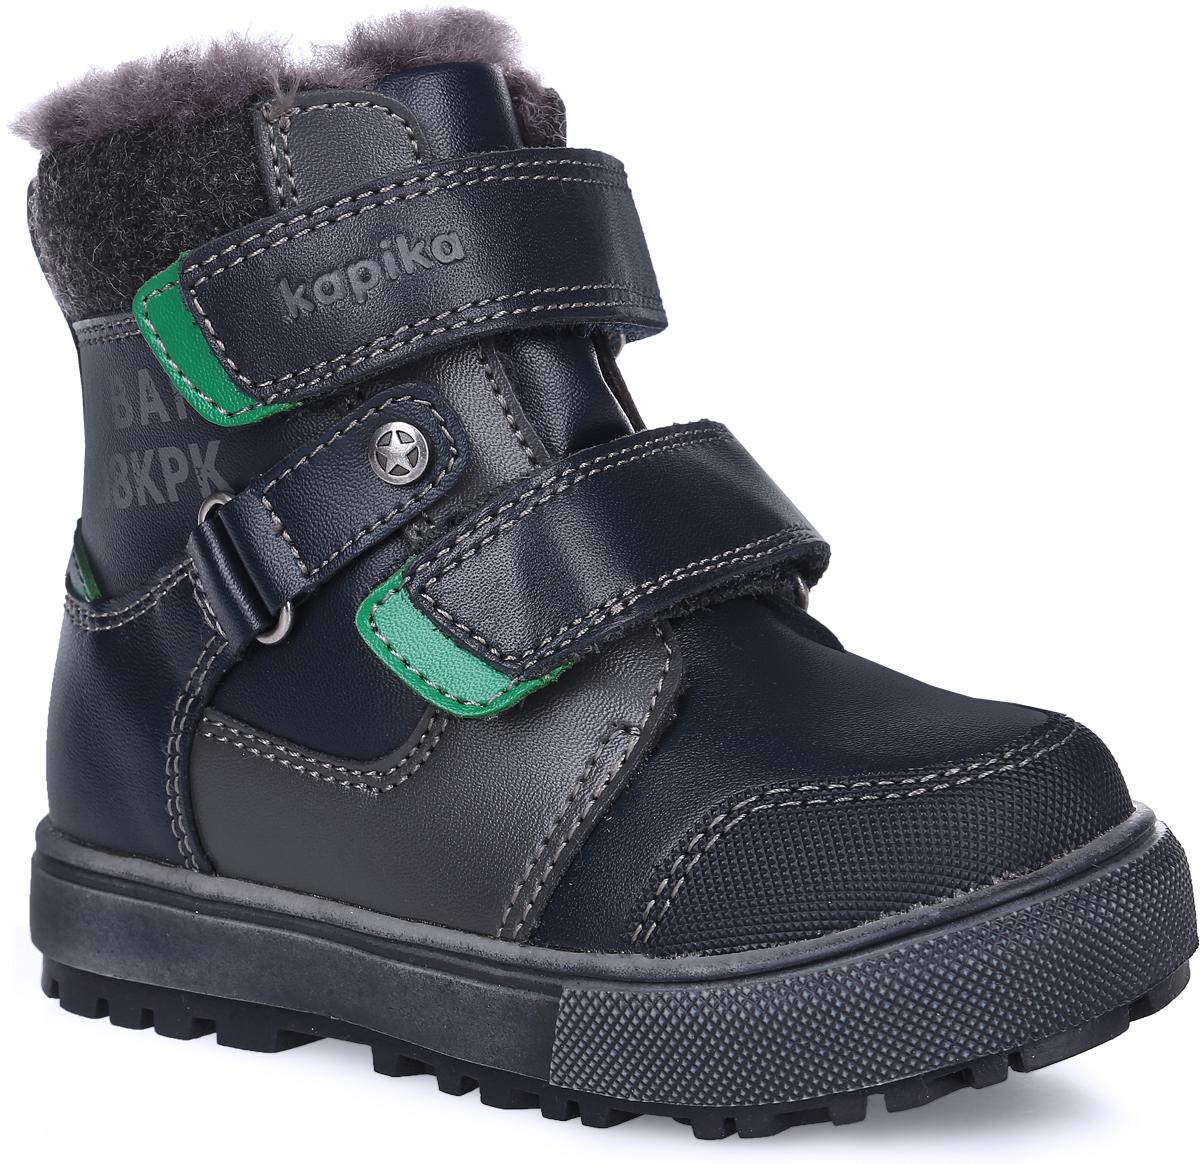 62093ш-1Стильные ботинки от Kapika заинтересуют вашего мальчика с первого взгляда. Модель выполнена из натуральной кожи, сбоку оформлена принтом в виде надписи. Изделие на застежках-липучках, что способствует надежной фиксации на ноге. Задник оснащен ярлычком для облегчения надевания. Подкладка, изготовленная из натуральной овечьей шерсти, обладает тепло- и воздухопроводимостью. Подошва оснащена рифлением для лучшей сцепки с поверхностью. Чудесные ботинки займут достойное место в гардеробе вашего ребенка.